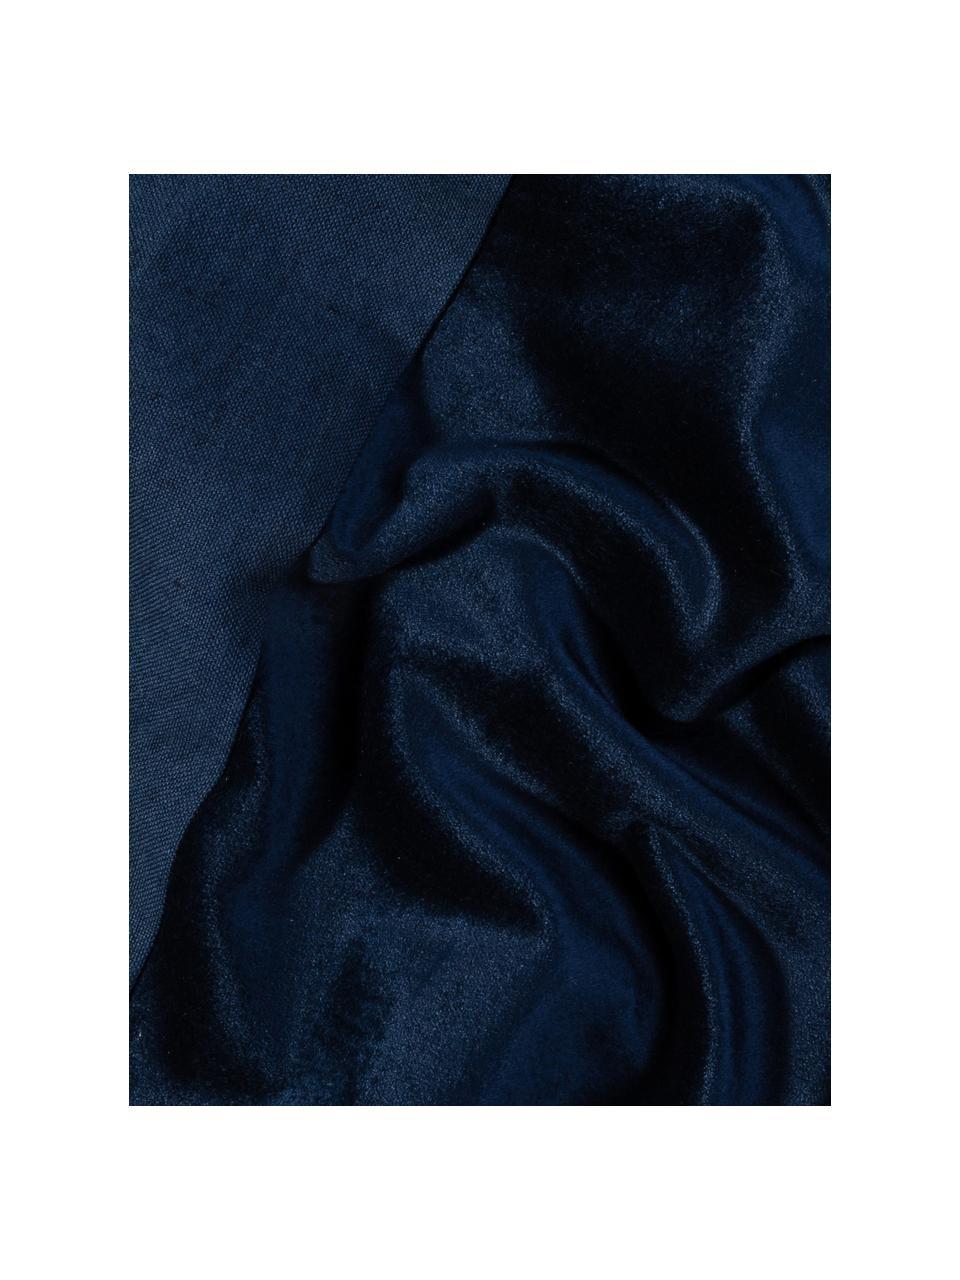 Housse de coussin 40x40 bleu foncé Adelaide, Bleu foncé